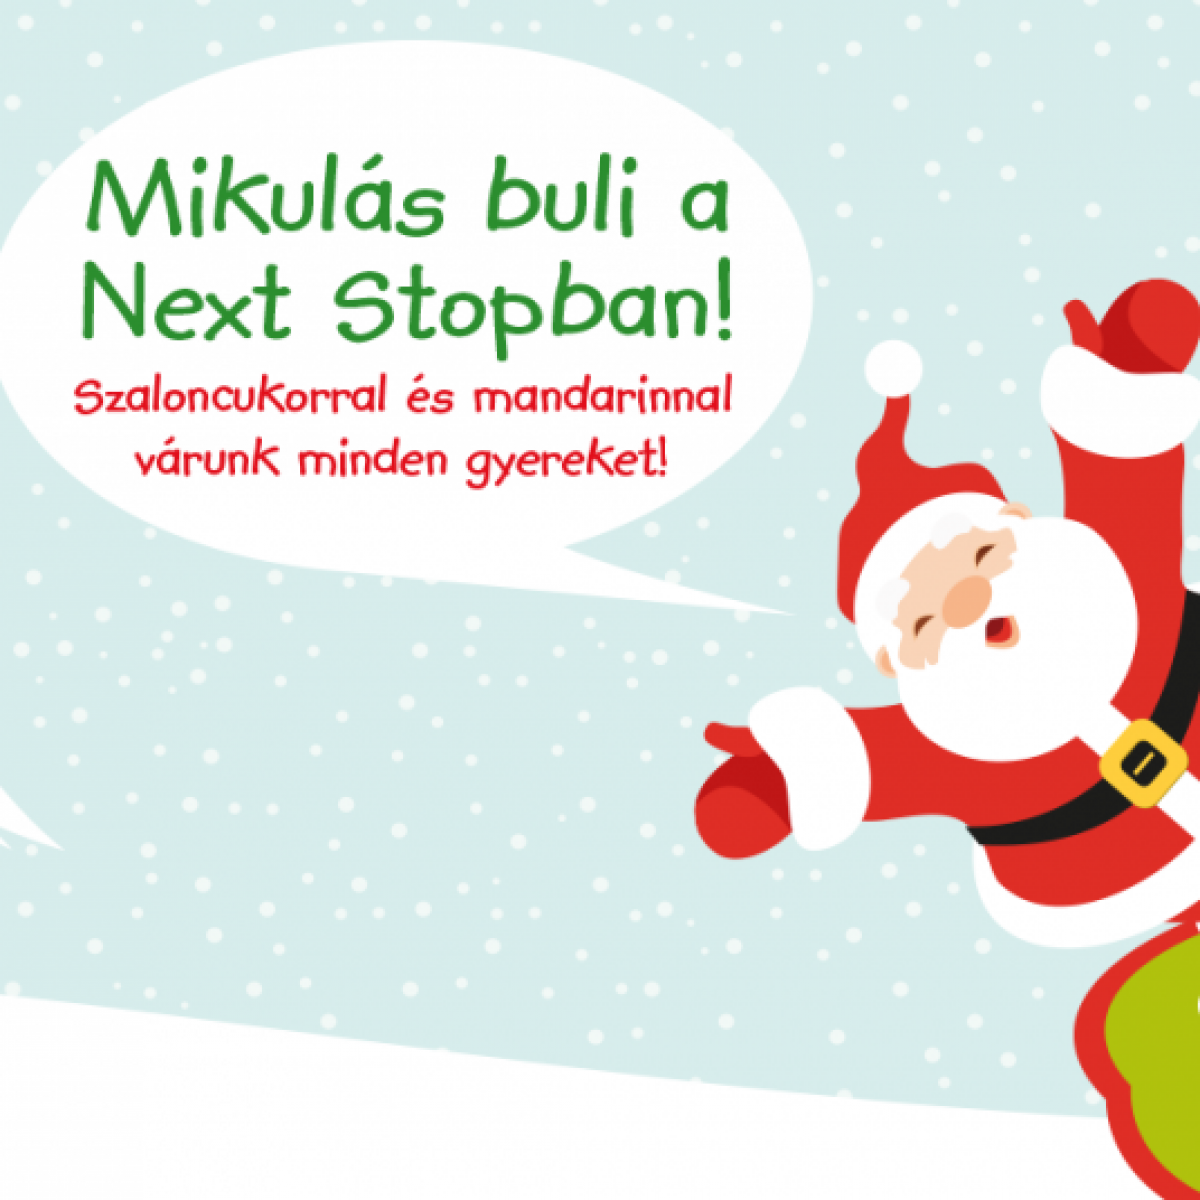 NExtStop_mikulas